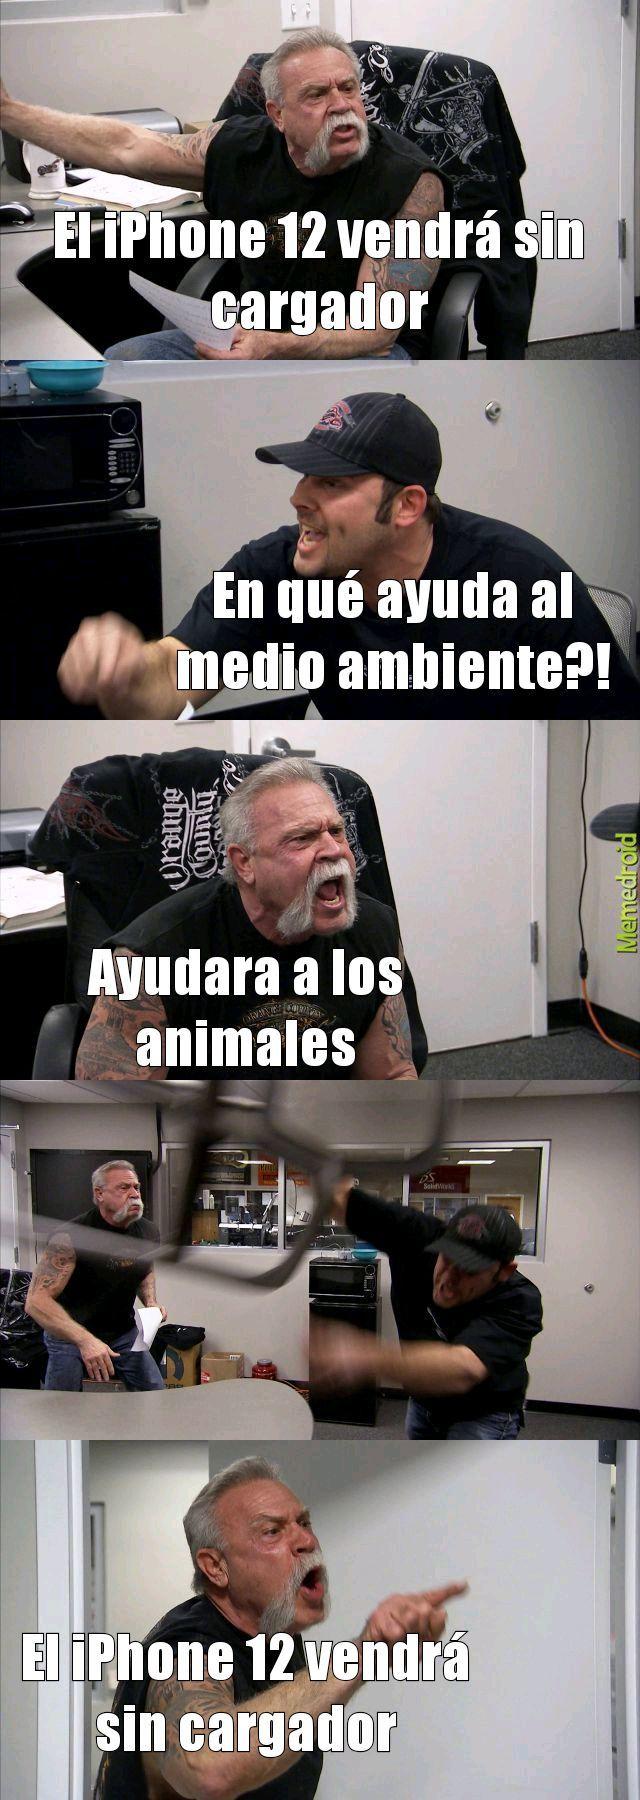 Ayudando al medio ambiente  - meme